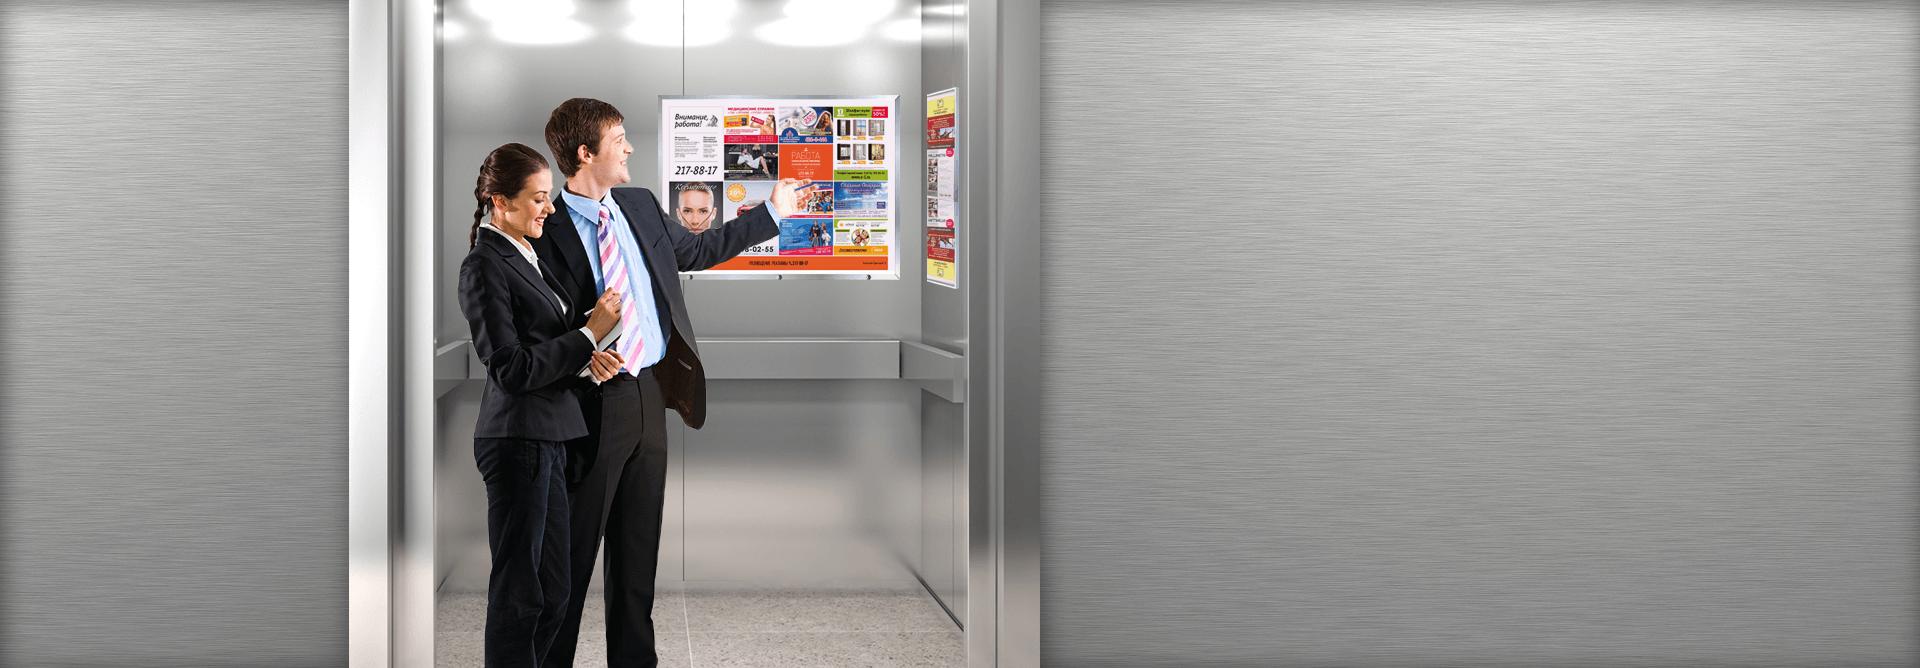 Реклама в лифте 3